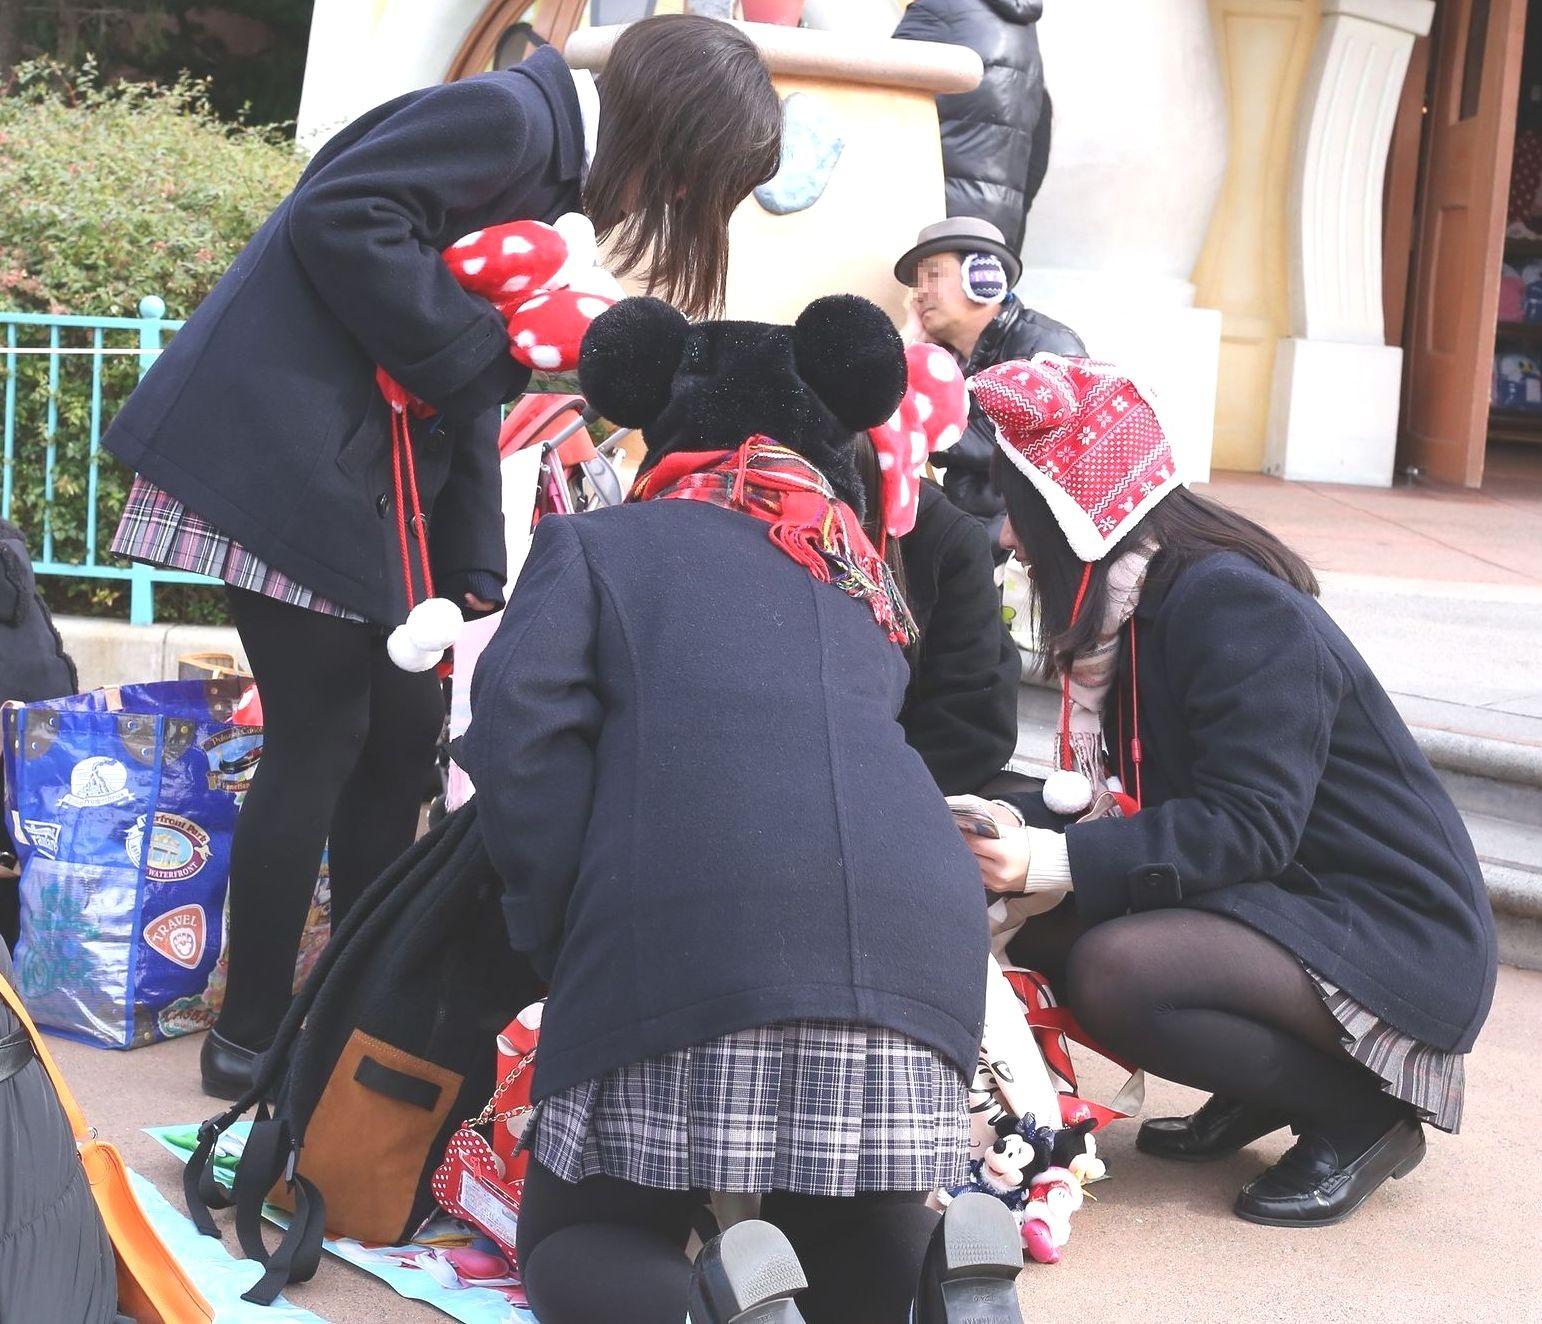 【街撮りJK画像】寒いので黒ストで包まれたJKムチムチ美脚で暖を取るwww 09